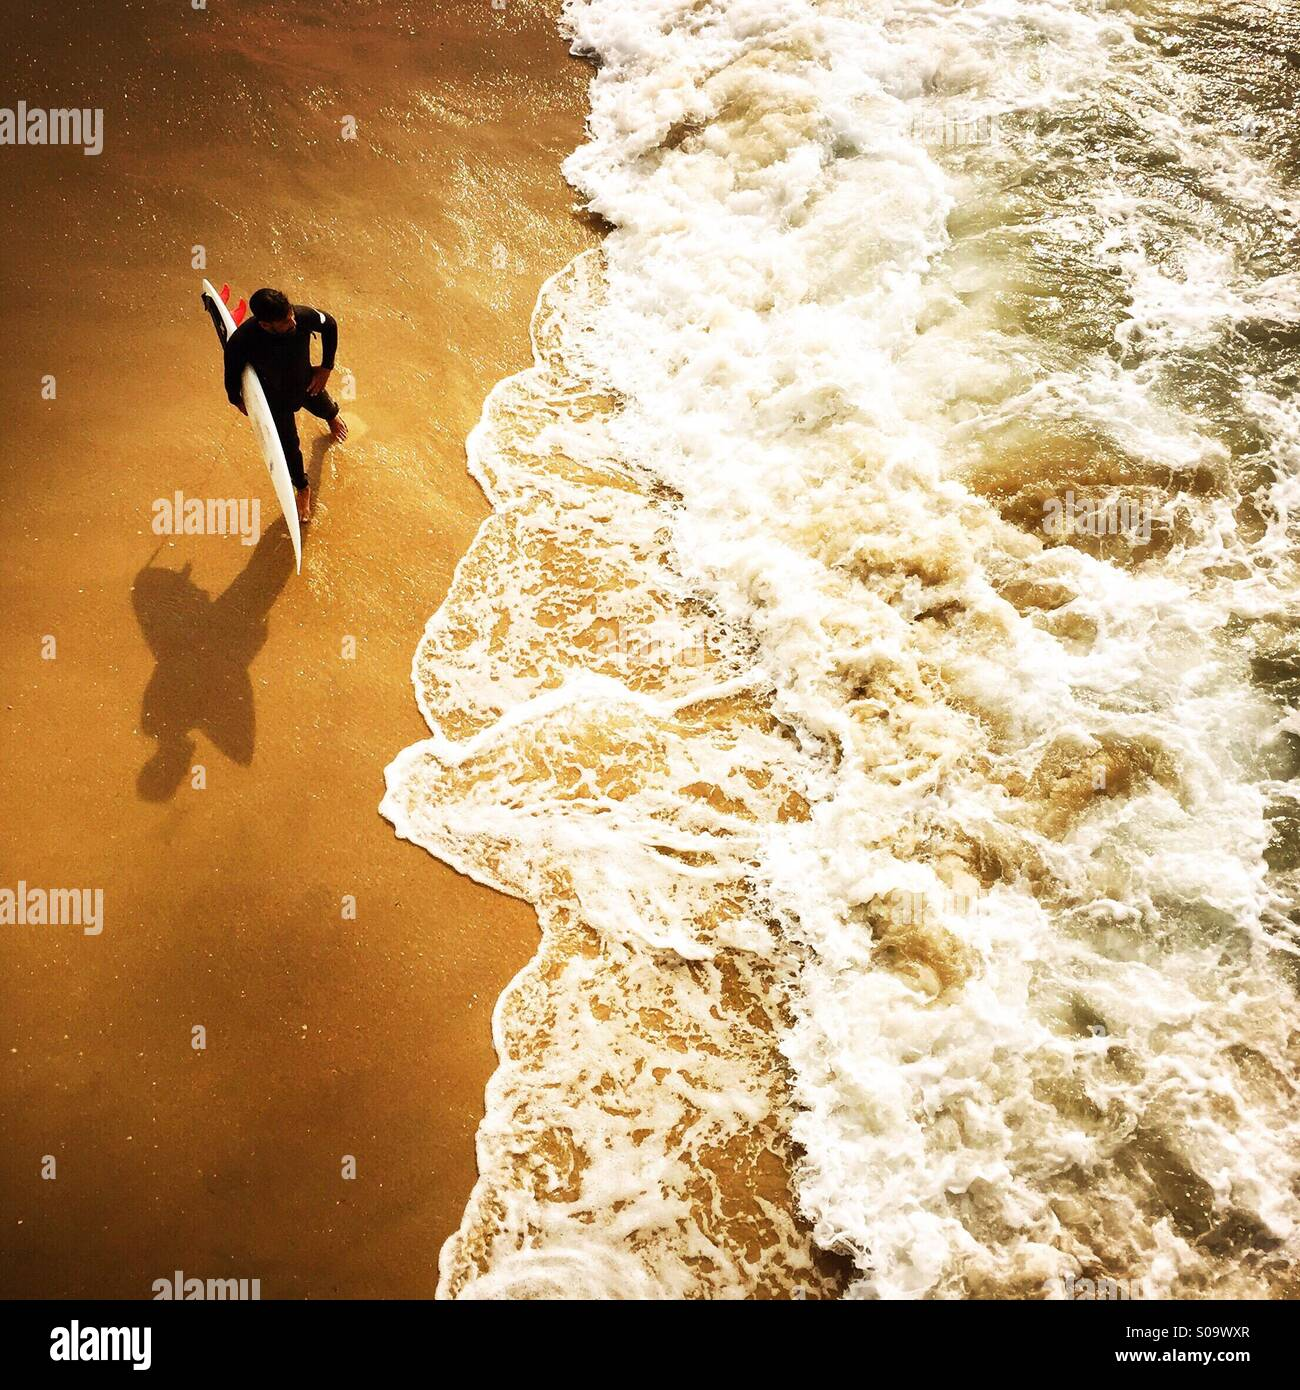 Un internaute attend au rivage pour surfer. Manhattan Beach, Californie, États-Unis. Photo Stock